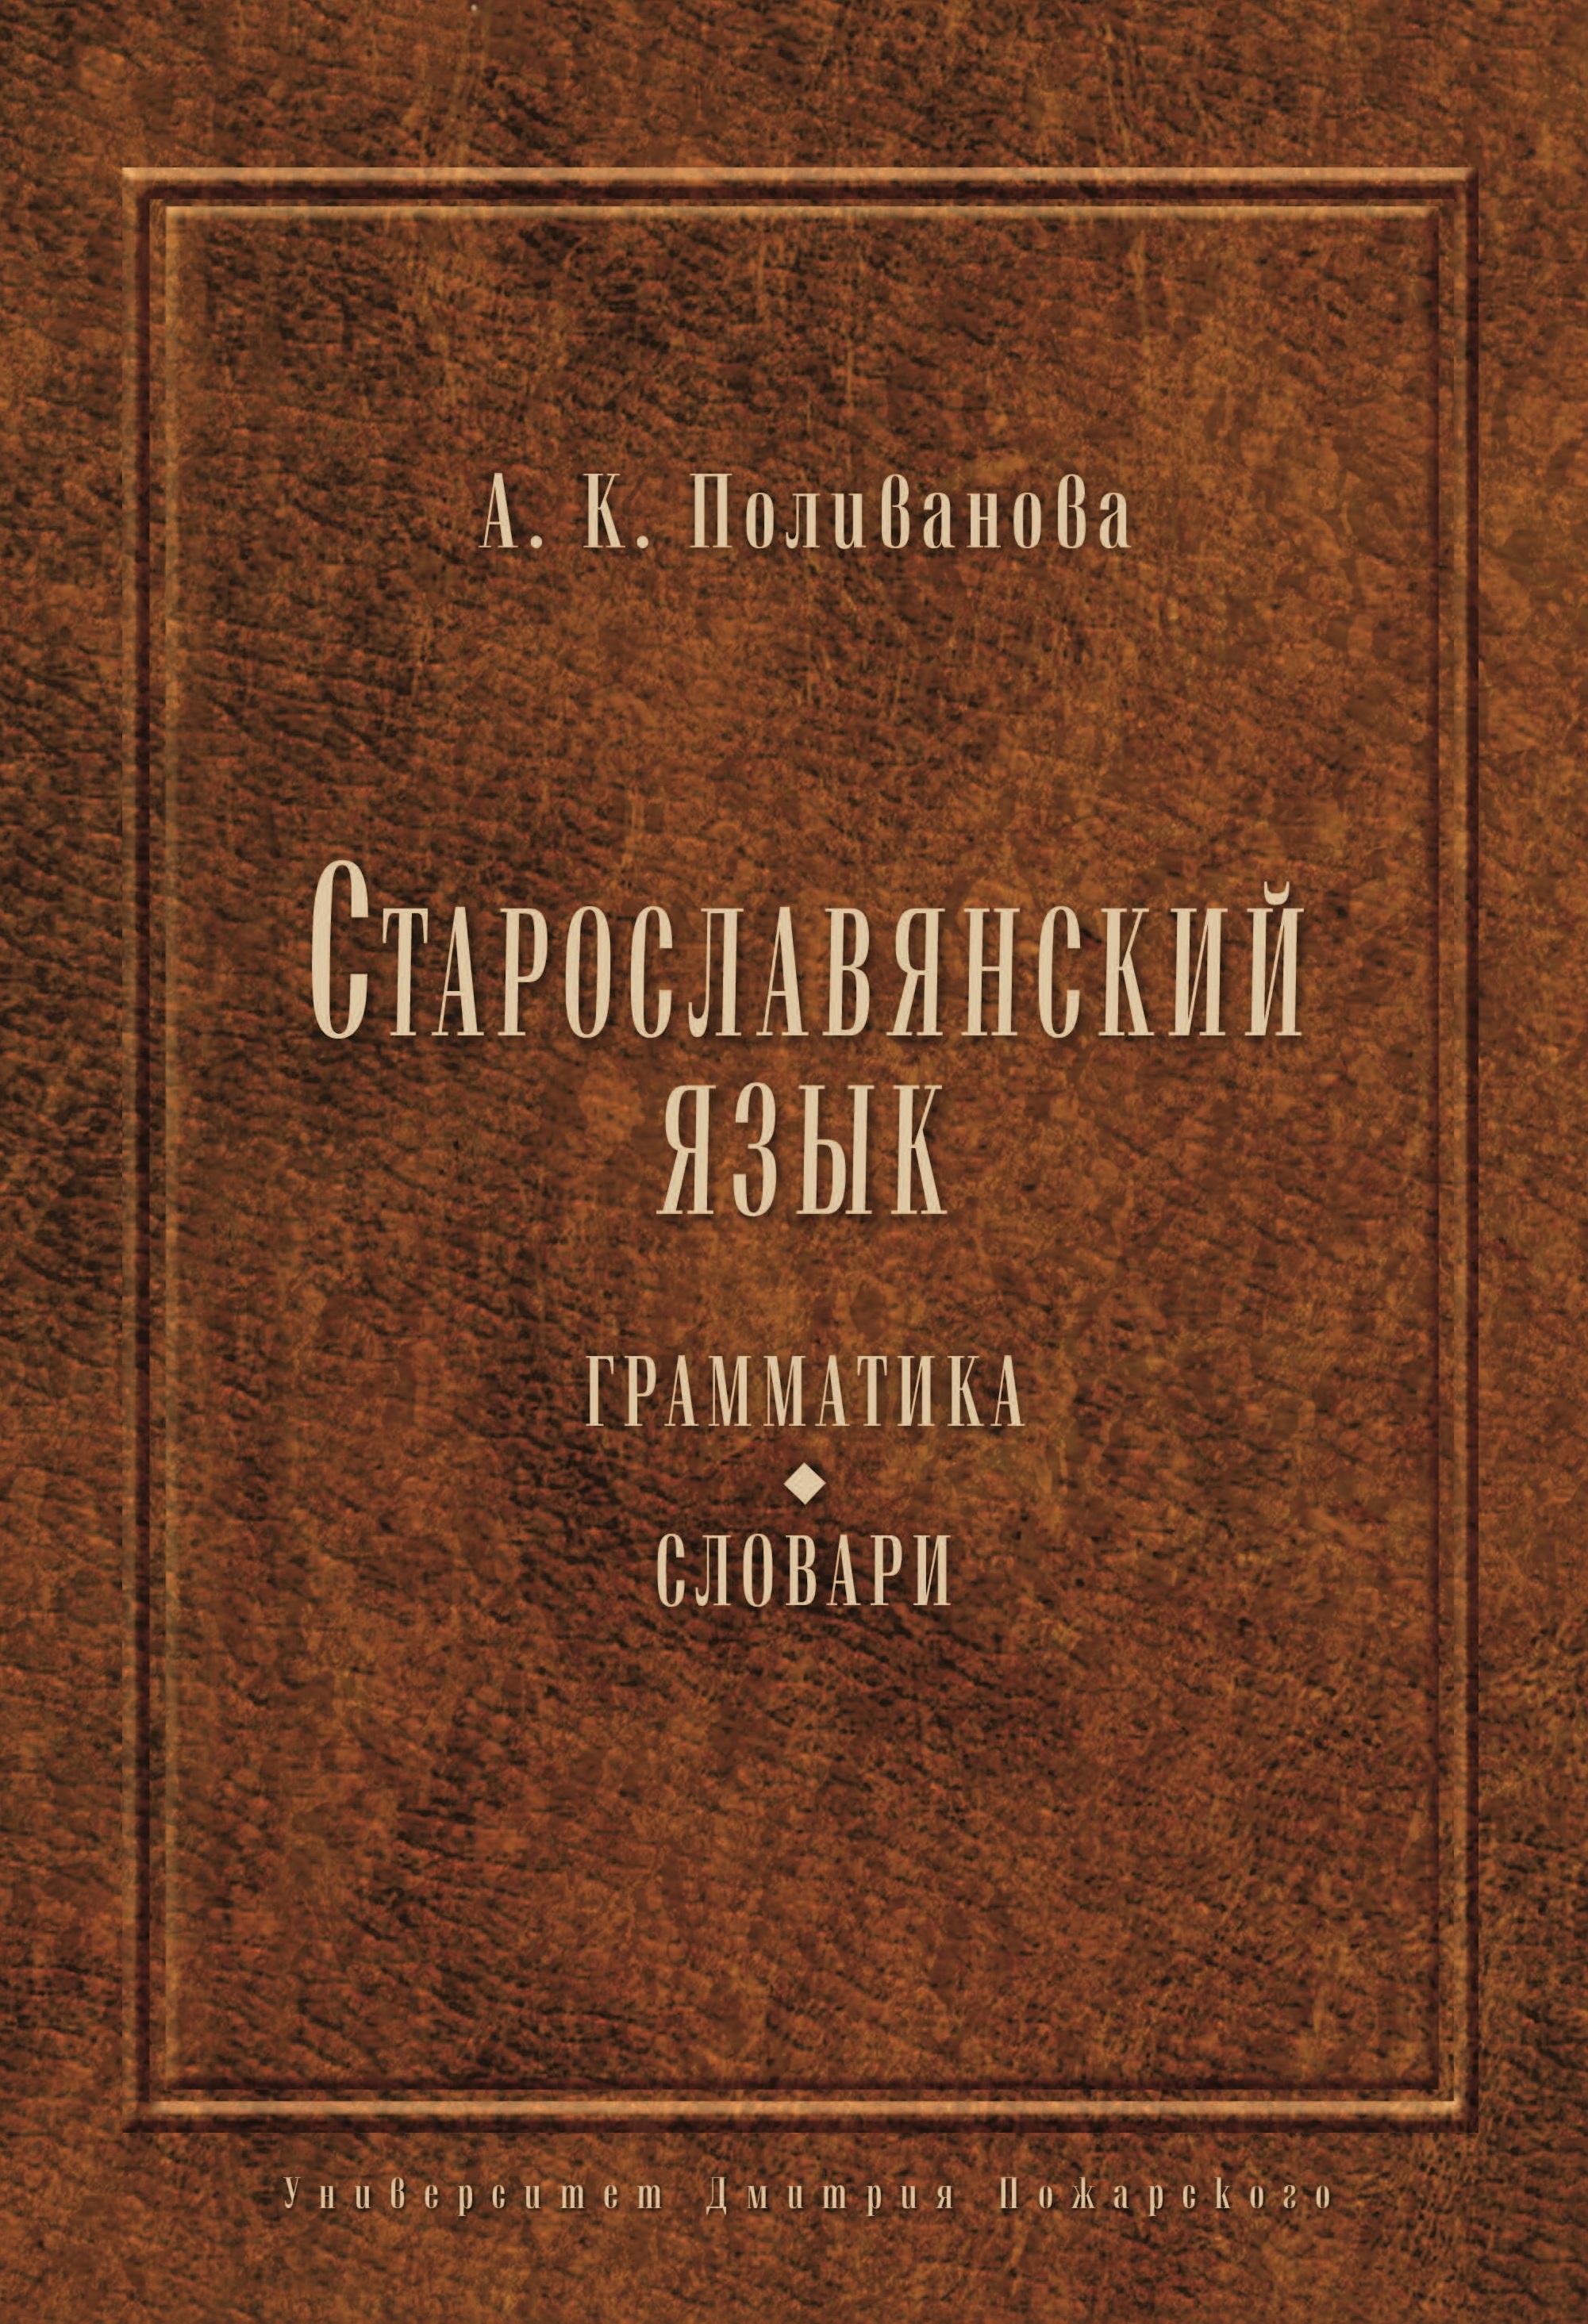 Старославянский язык: Грамматика. Словари.